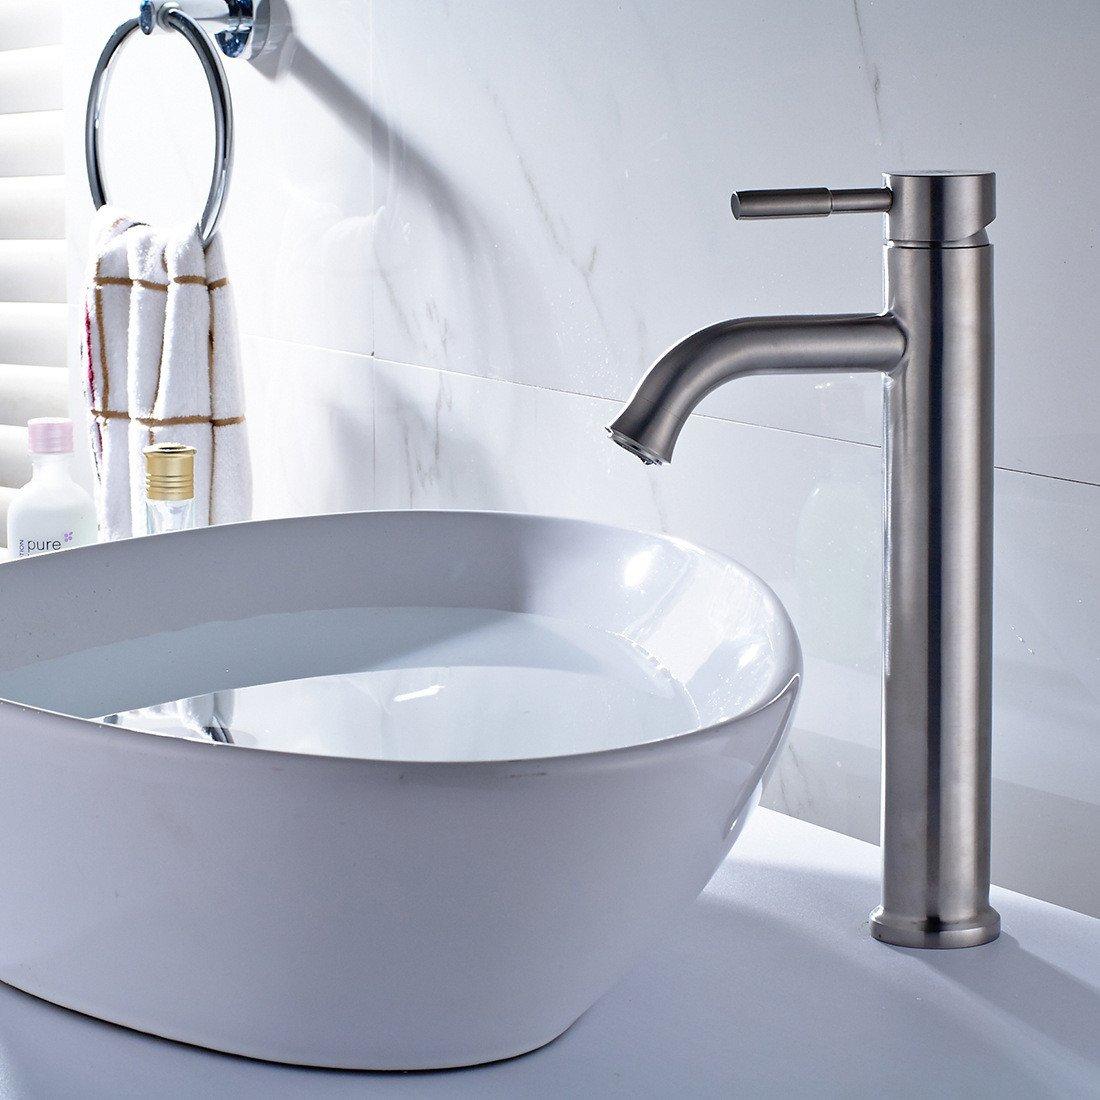 Kokeruup Waschtischarmatur gebürstet   für Badezimmer     Wasserhahn Höhe     Mischer für warmes und kaltes Wasser